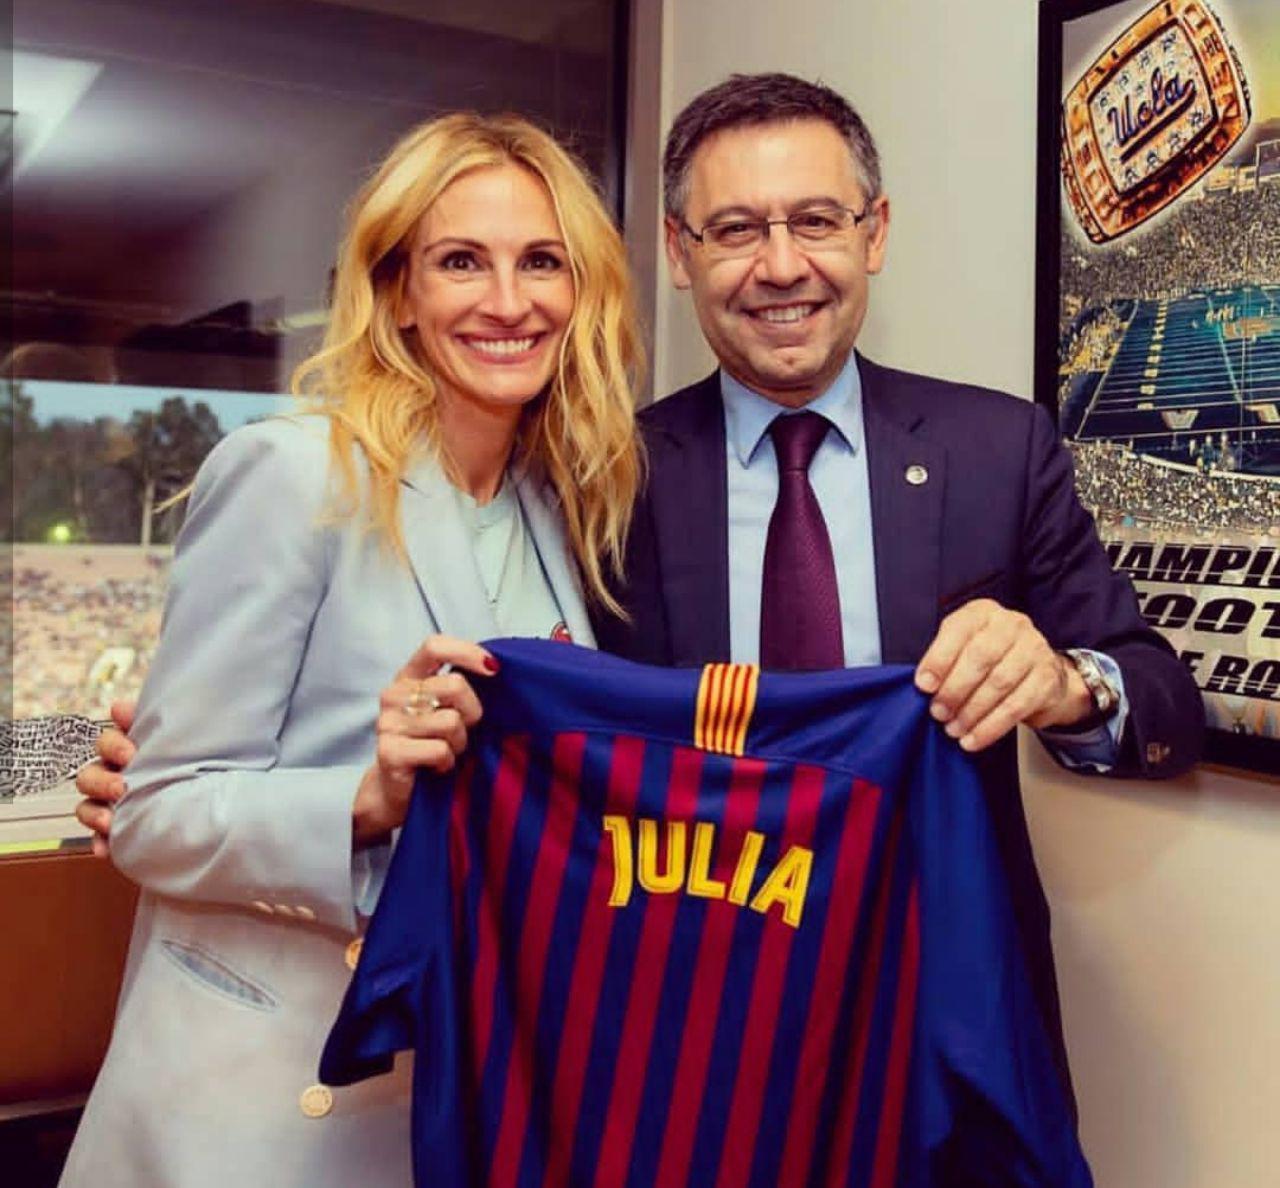 جولیا رابرتز در تمرینات بارسلونا